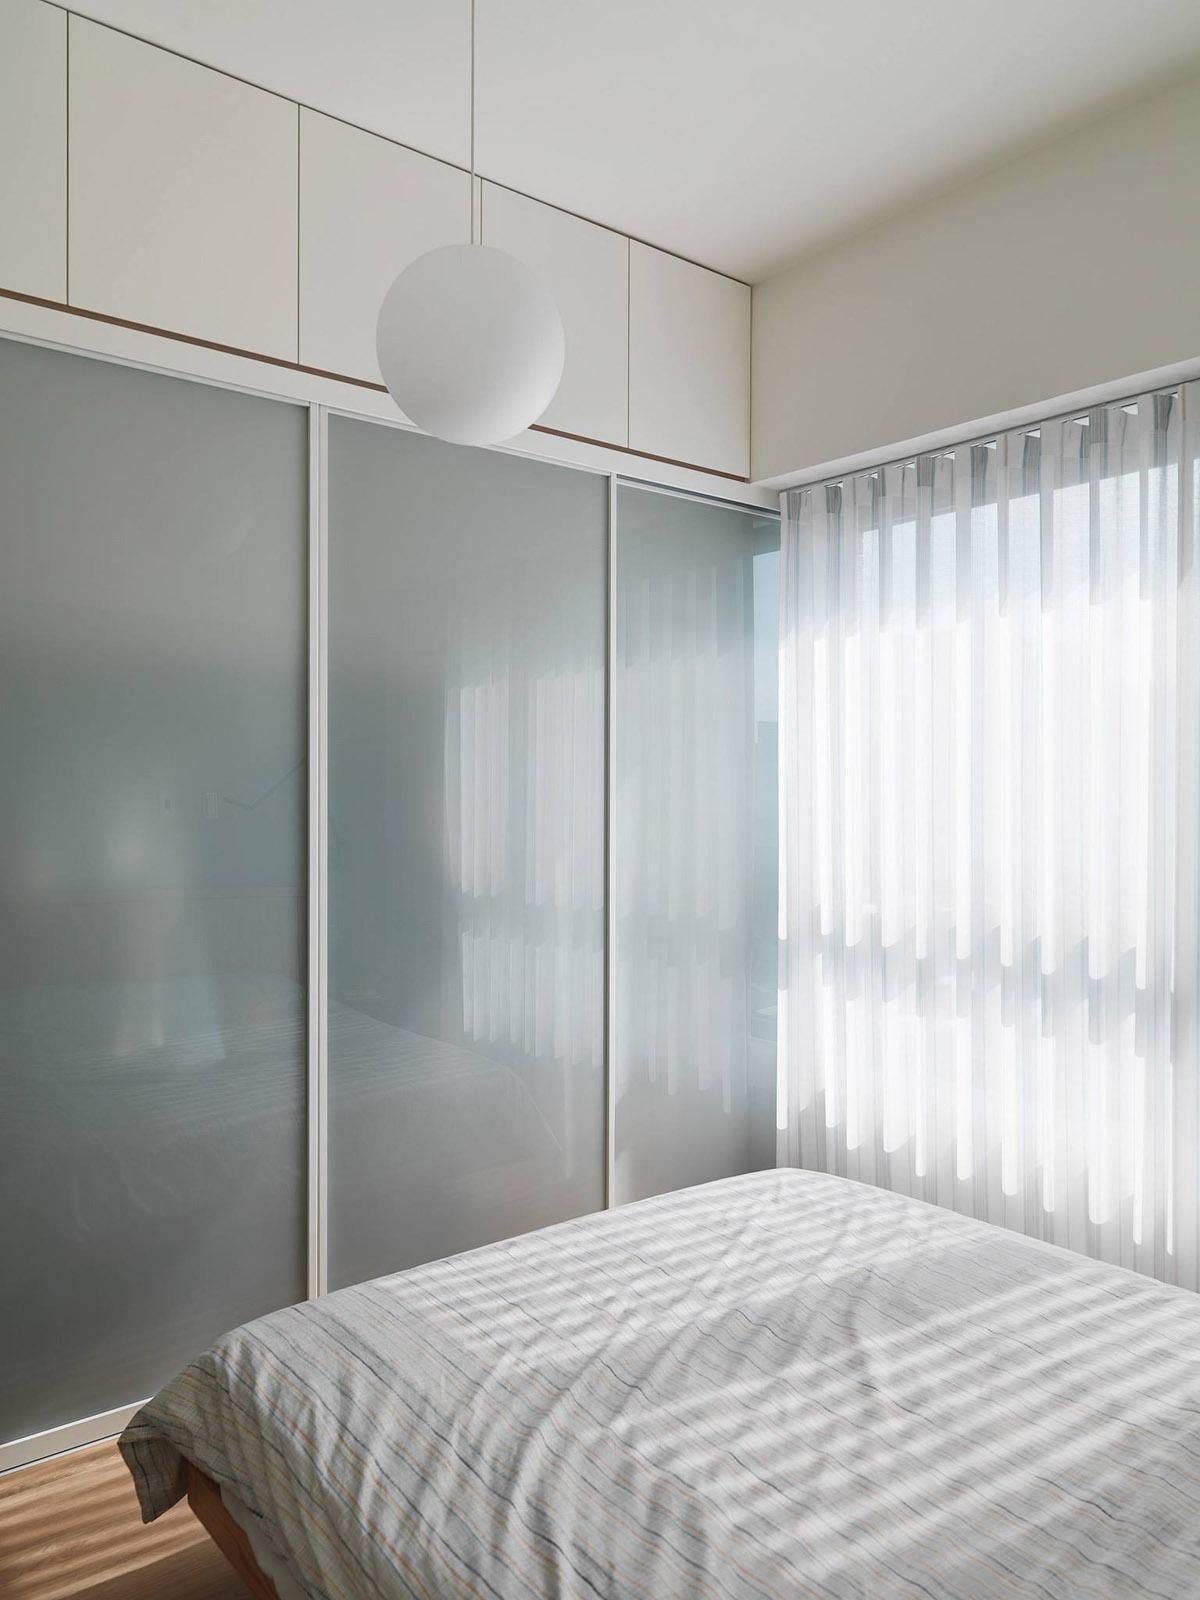 Mẫu thiết kế nội thất chung cư 100m2 2 phòng ngủ phong cách Nhật Bản. Phòng ngủ 6